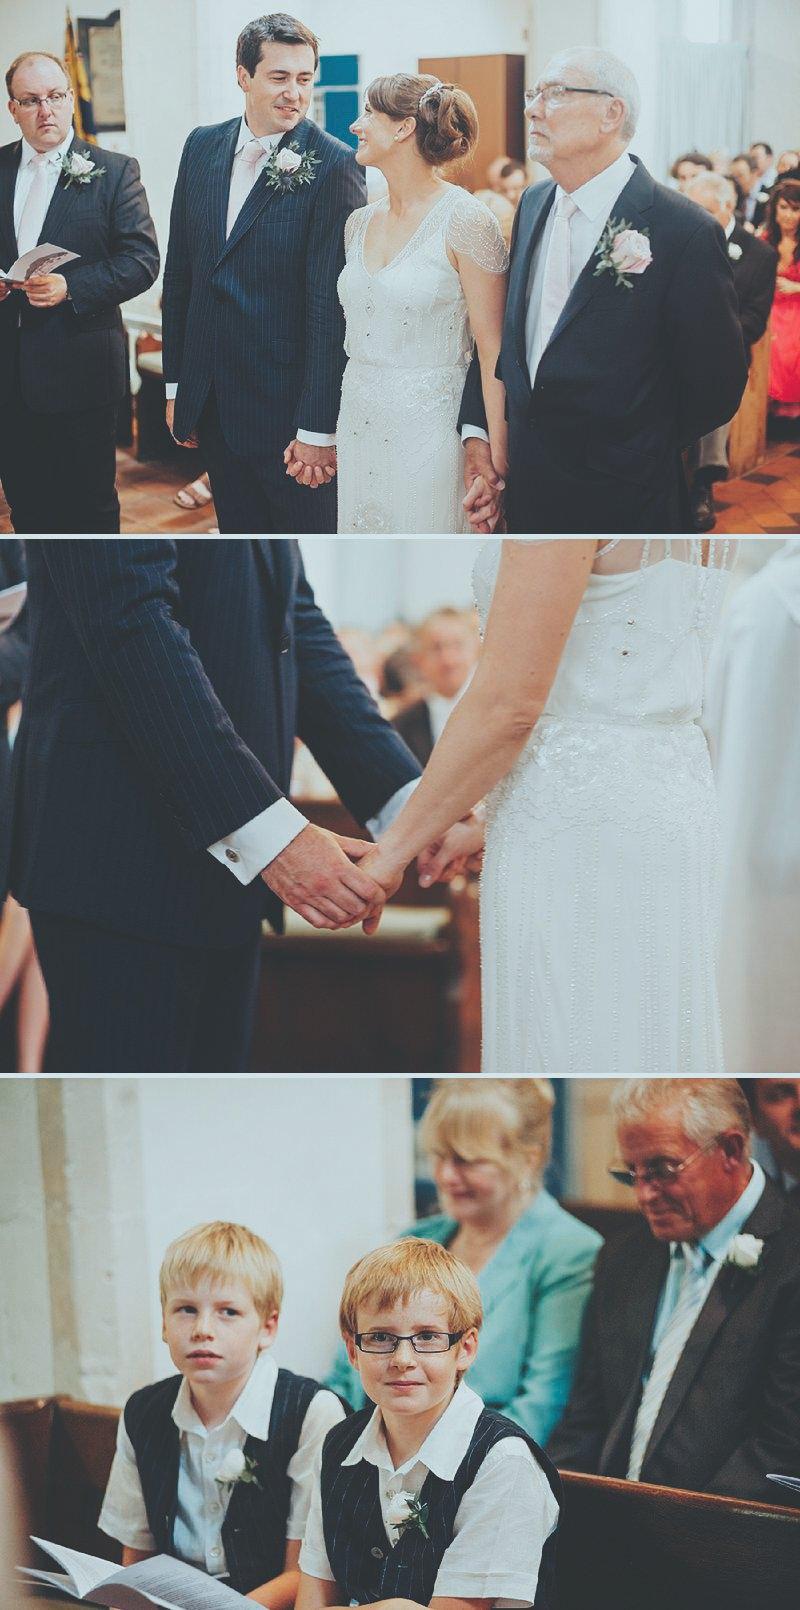 preston-court-vintage-wedding-kent-016.jpg